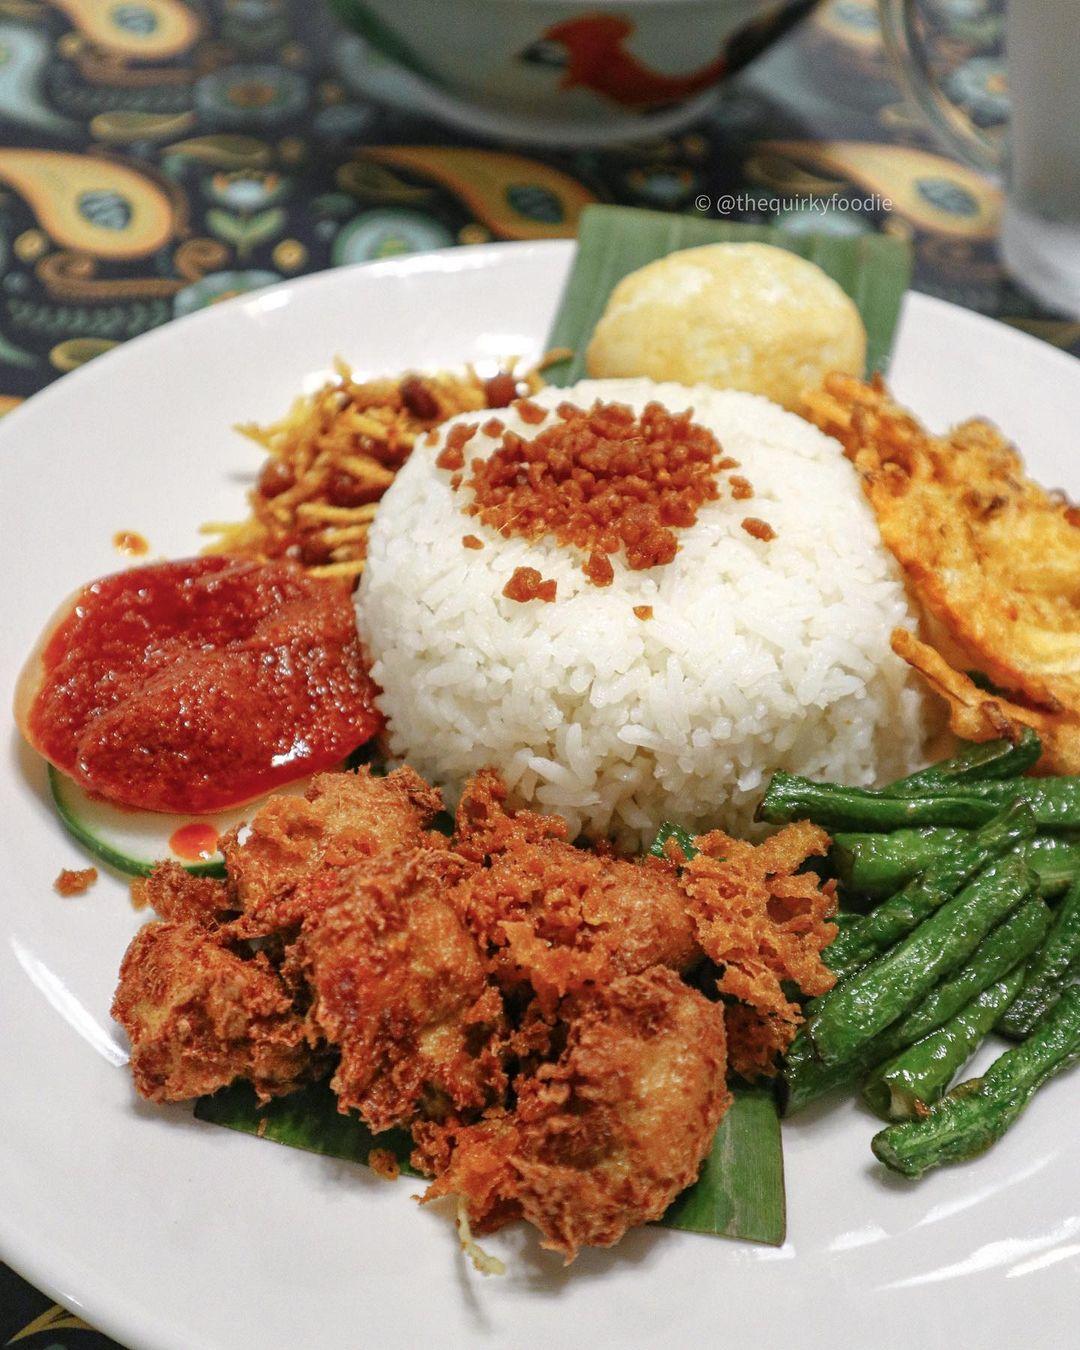 warung ijo vegetarian food singapore